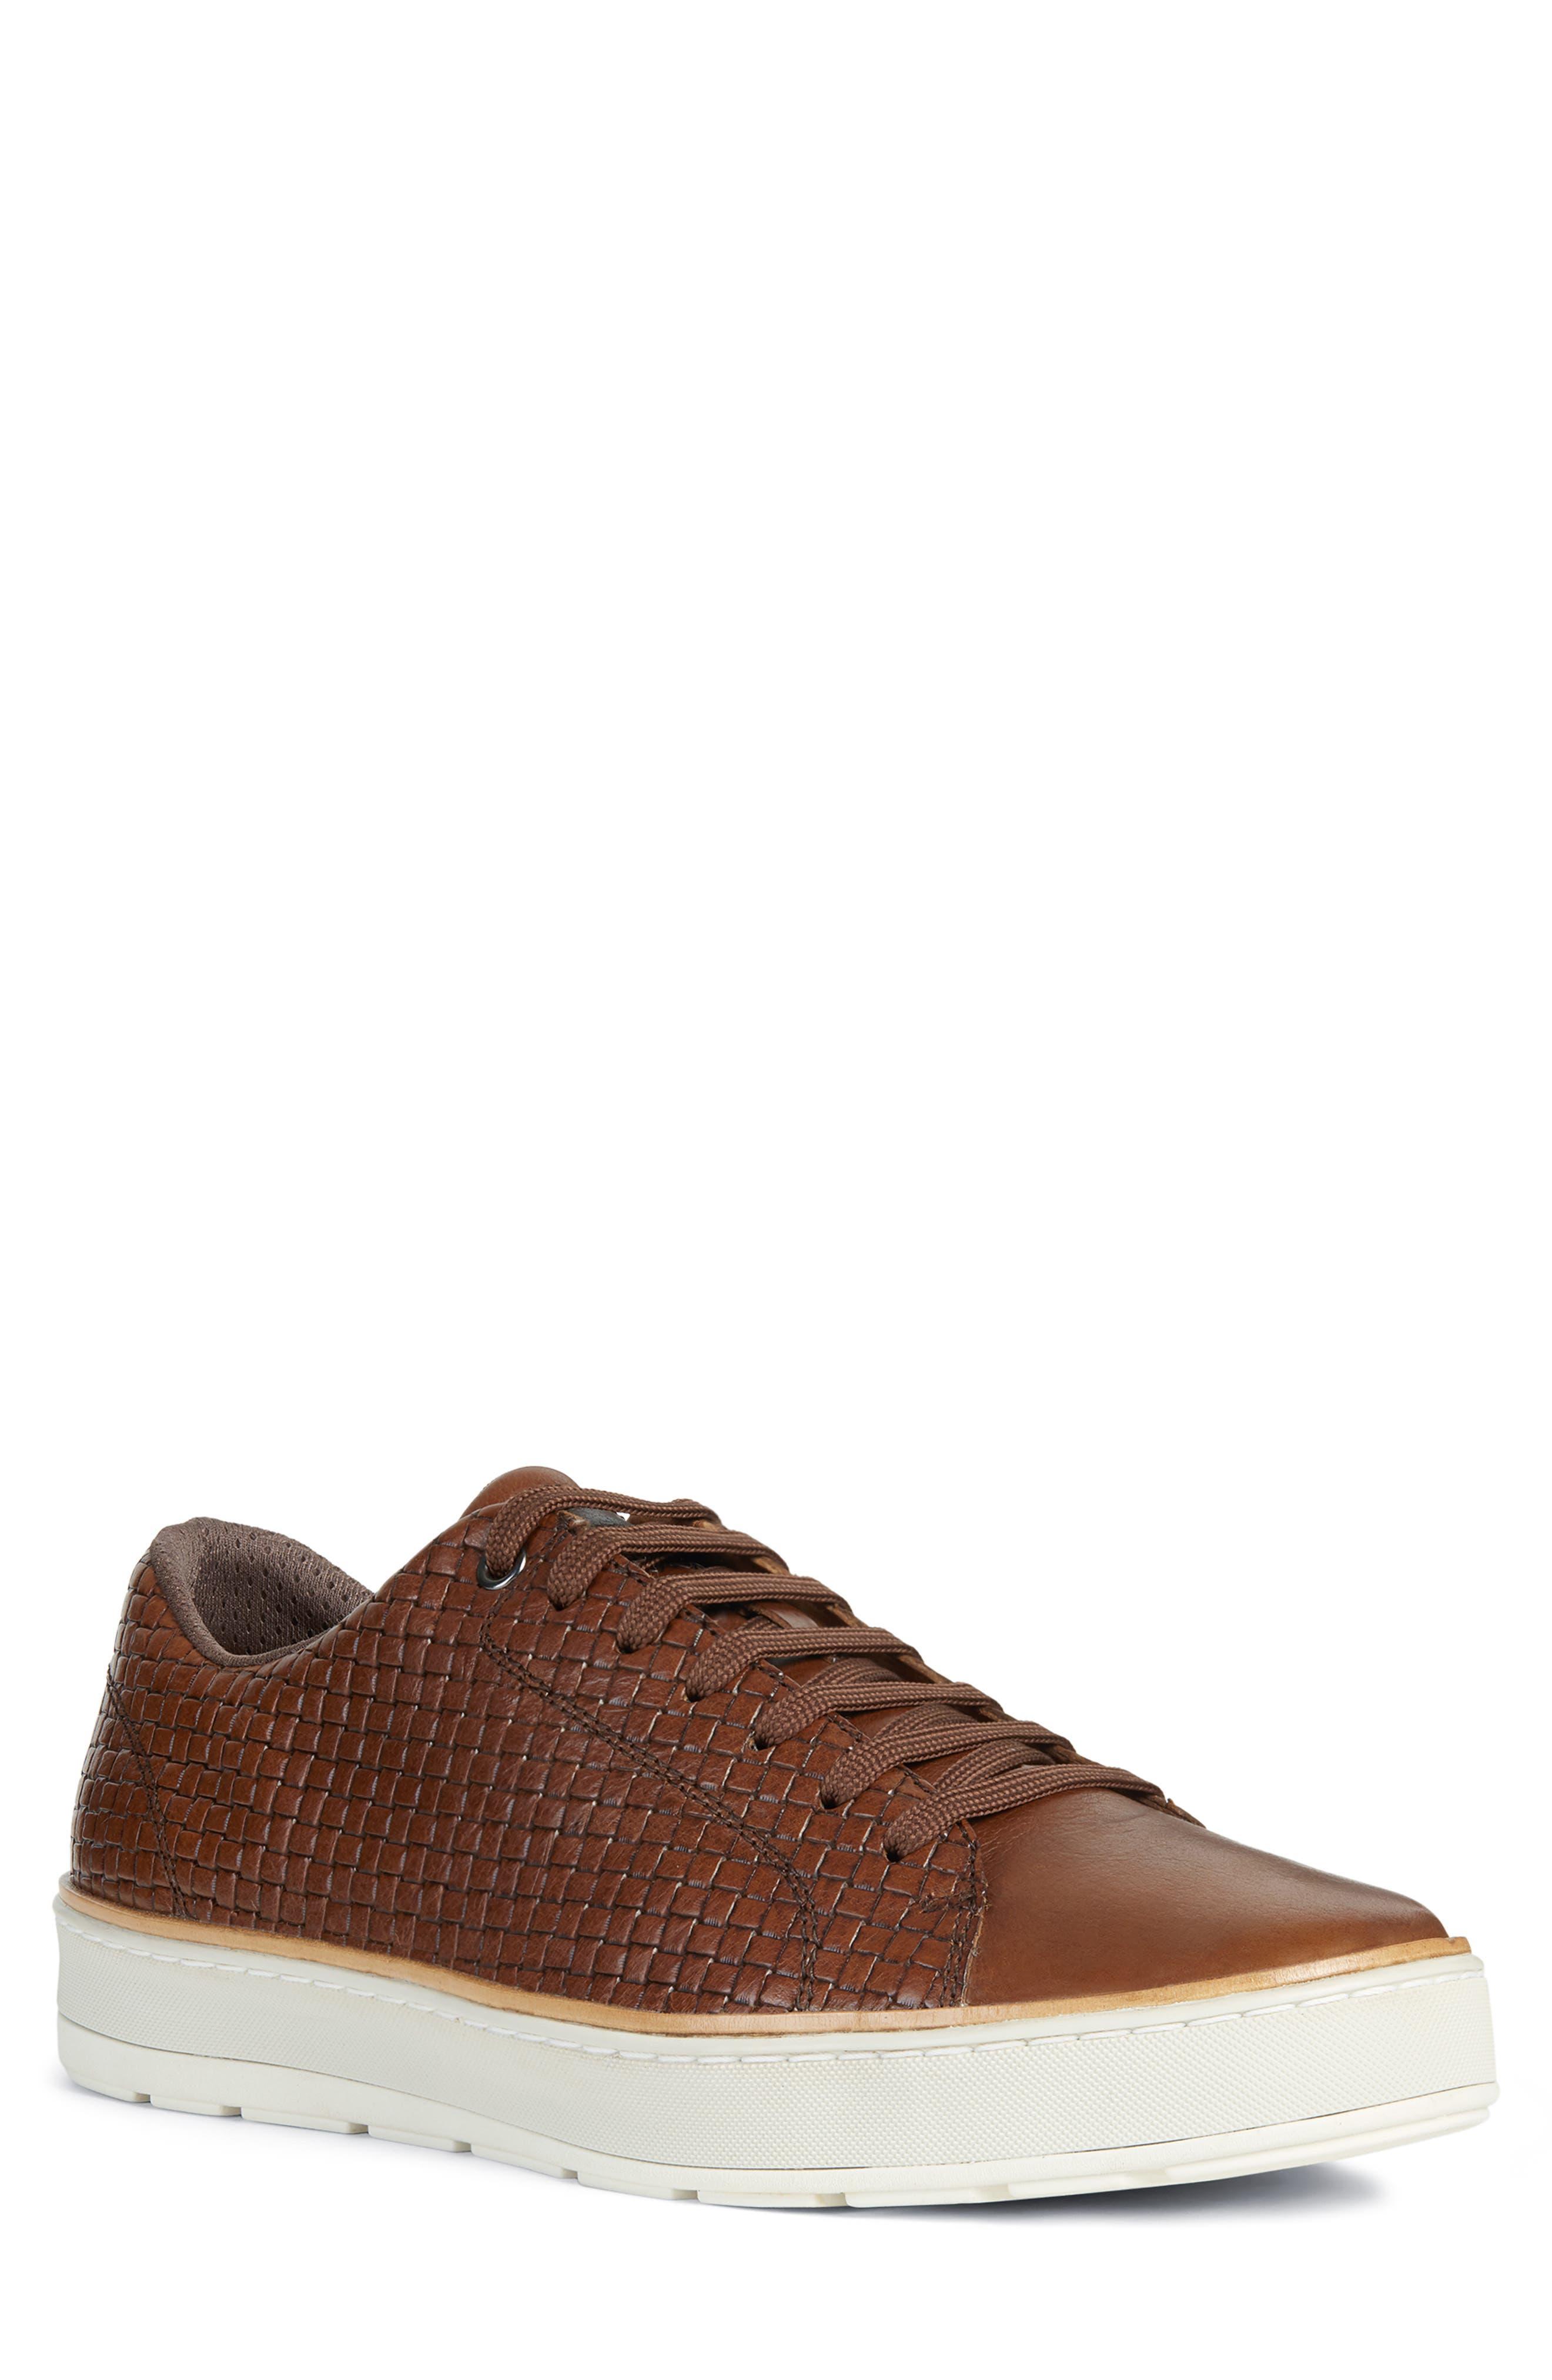 Geox Ariam 14 Sneaker, US / 44EU - Brown